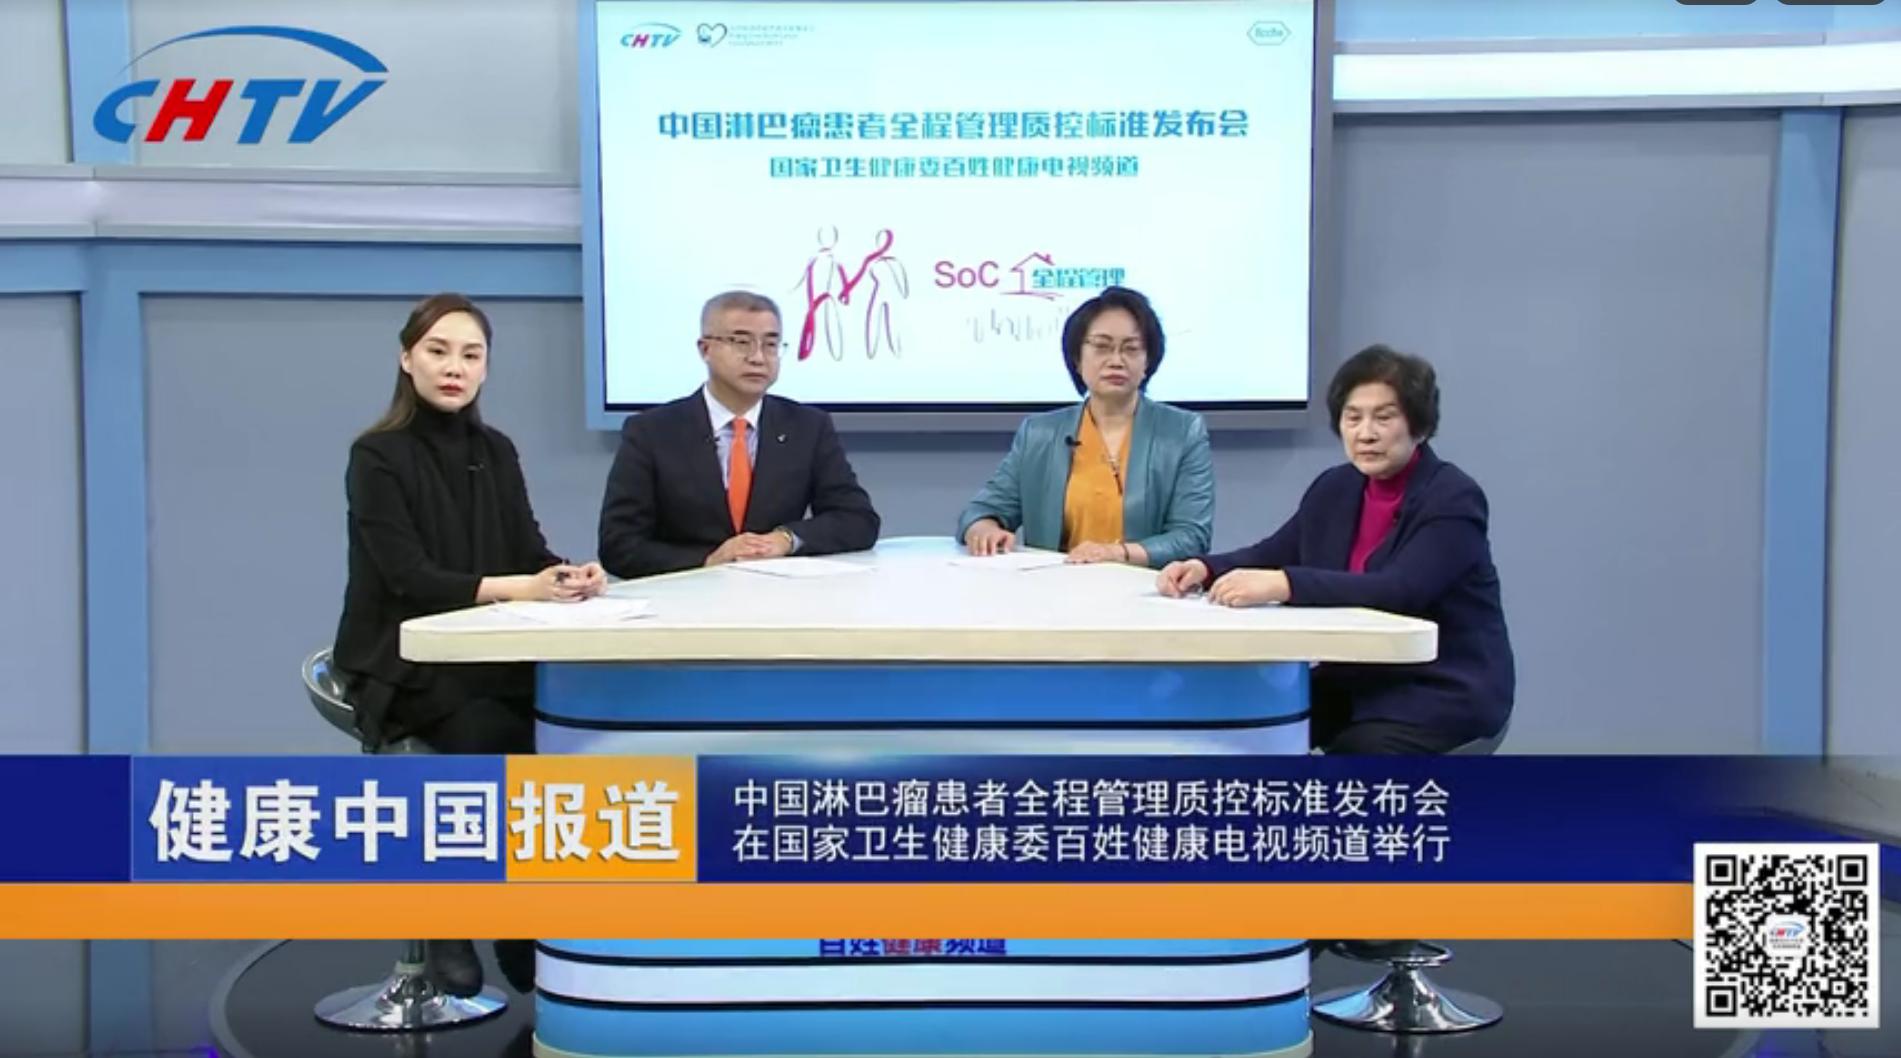 健康中国报道 l 中国淋巴瘤患者全程管理质控标准发布会在国家卫生健康委百姓健康电视频道举行